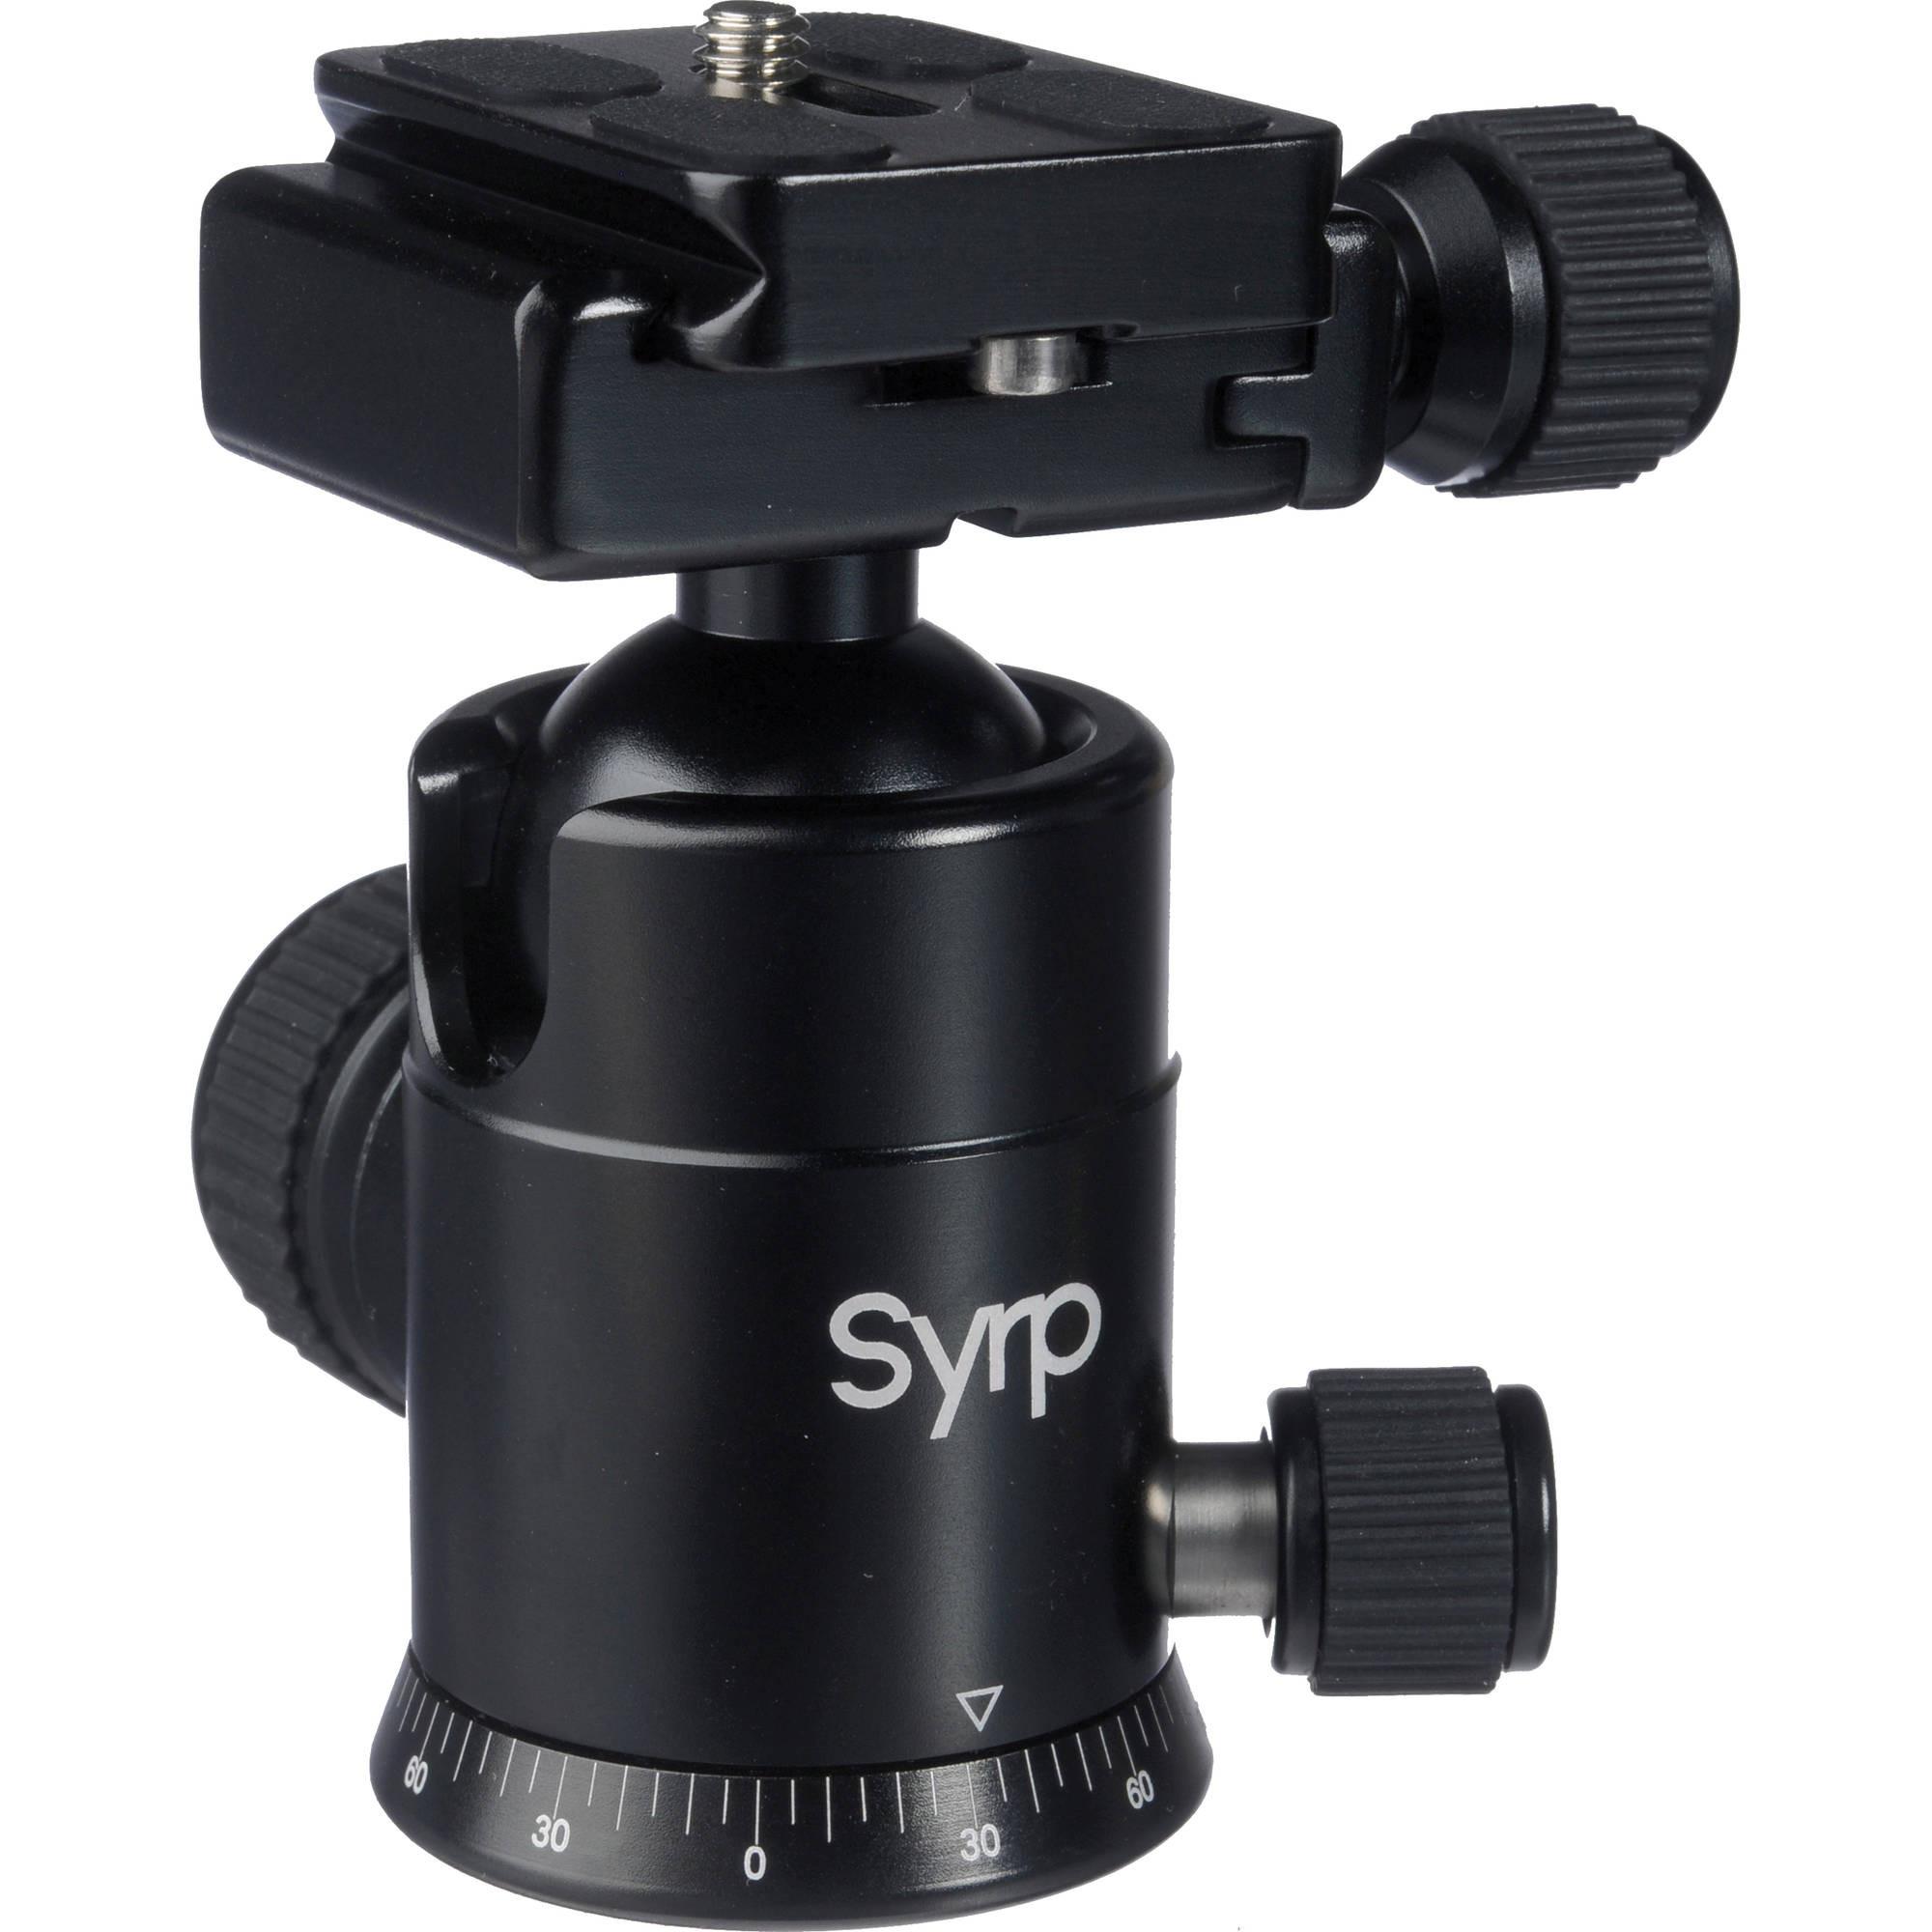 Syrp kuulpea SY0012-8001